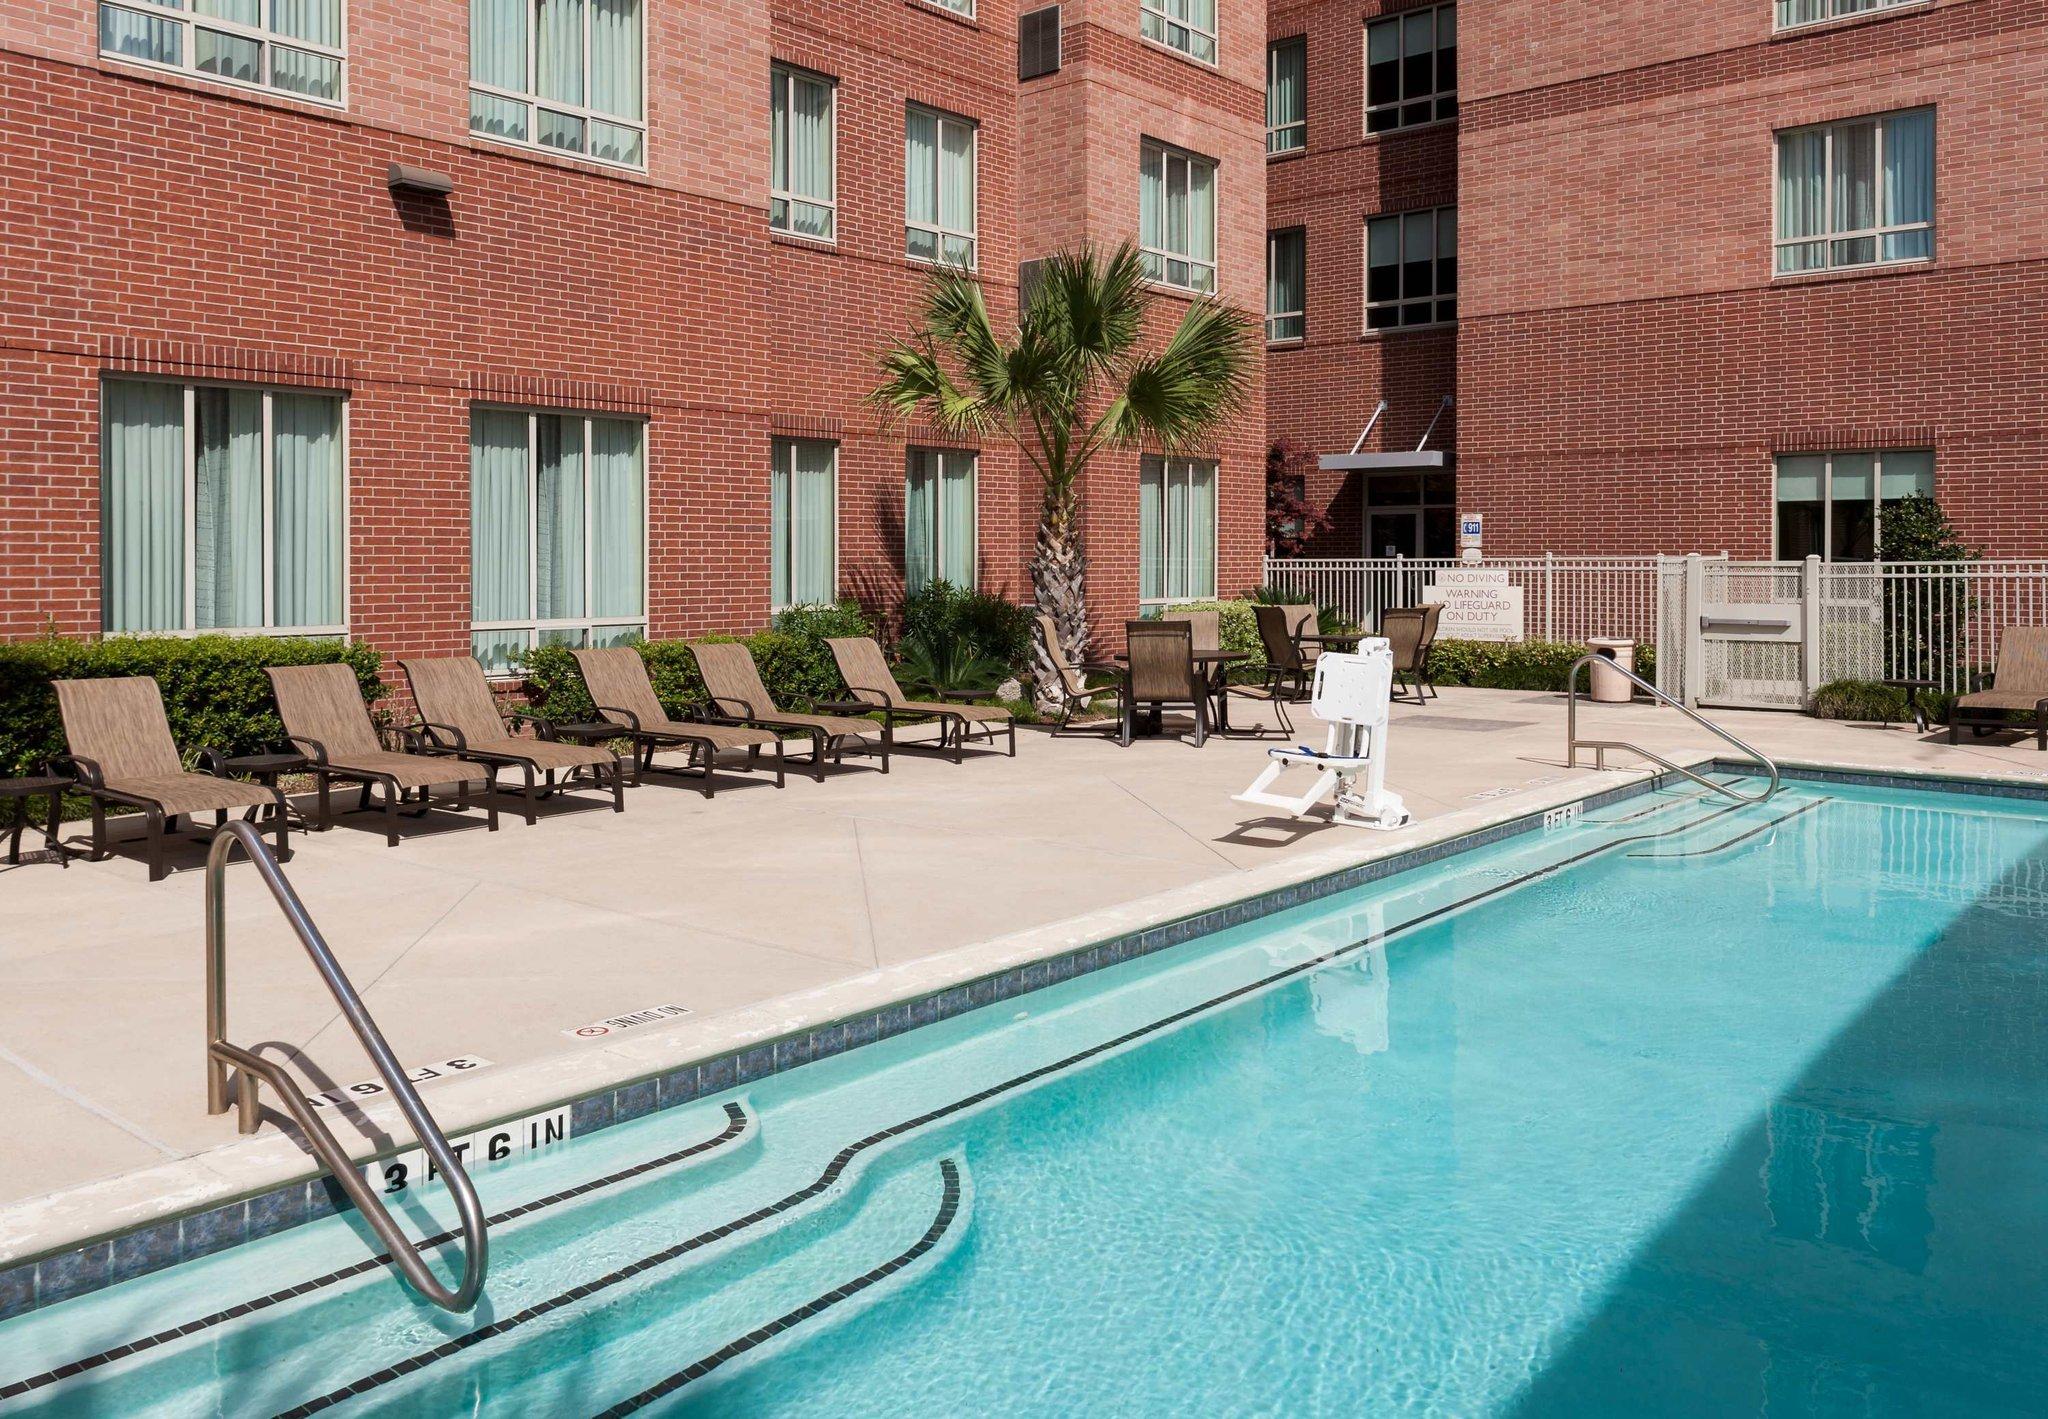 Residence Inn Houston West/Energy Corridor